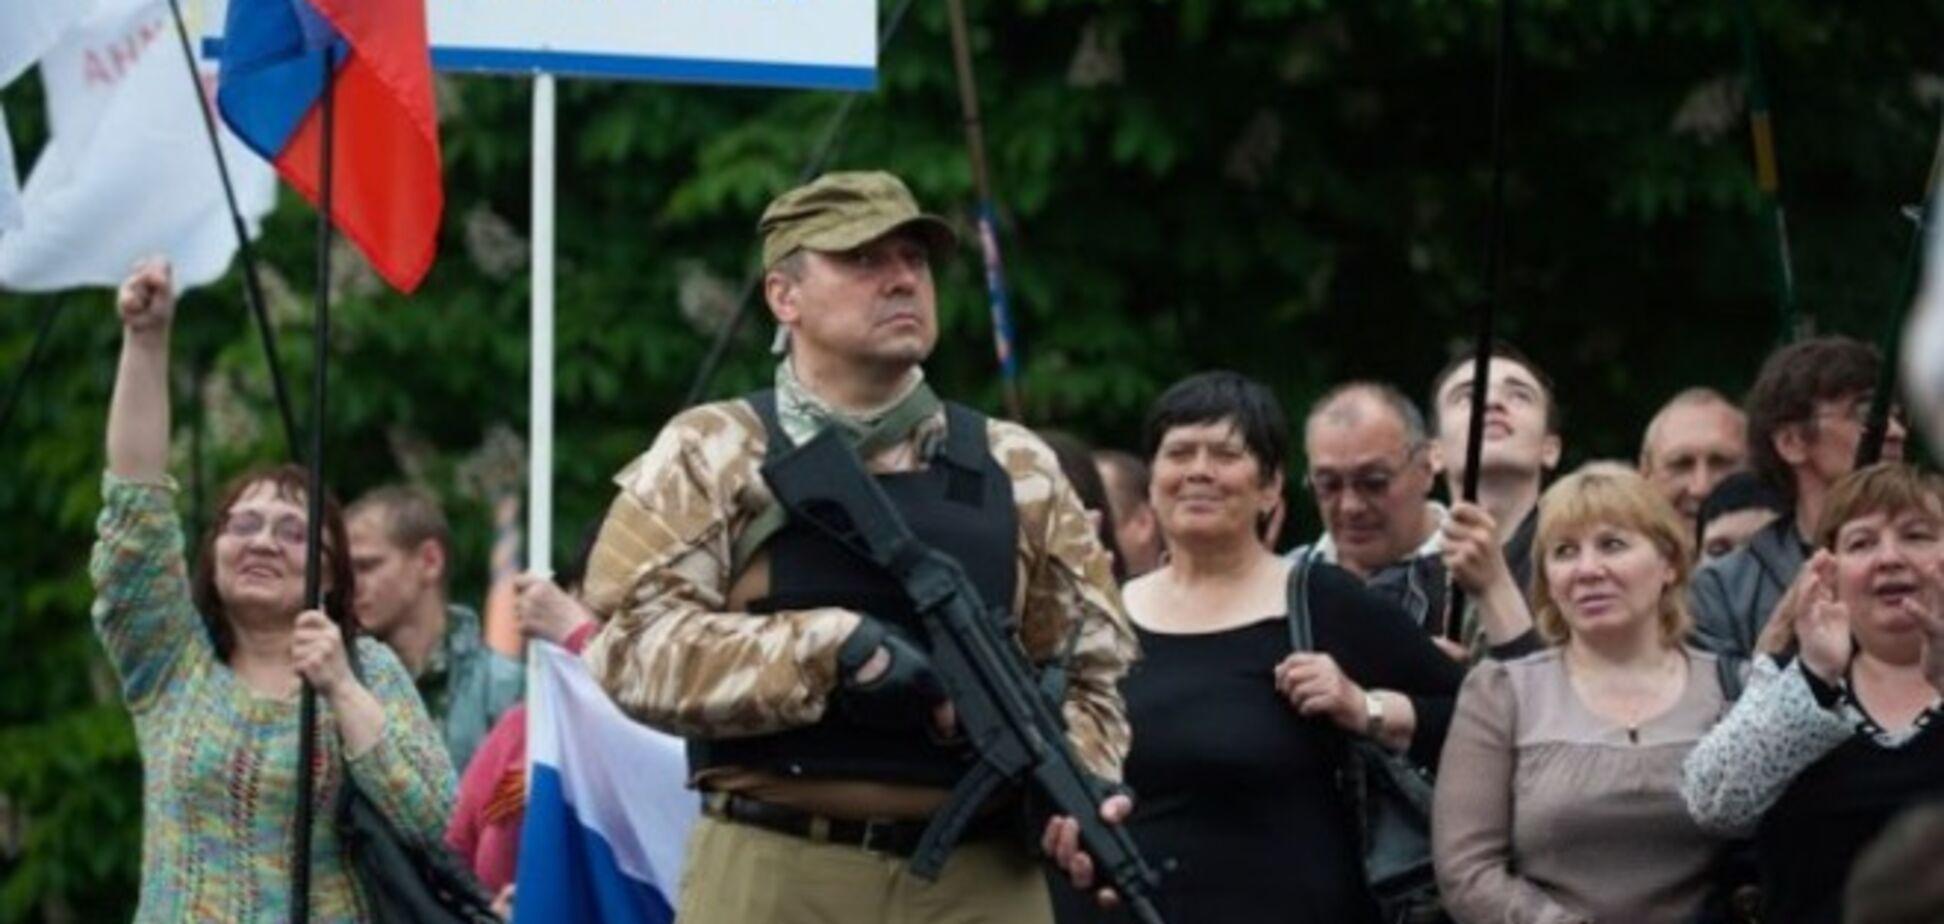 Главари 'ЛНР' приехали из РФ для грабежа Луганщины – бывший сотрудник 'администрации республики'